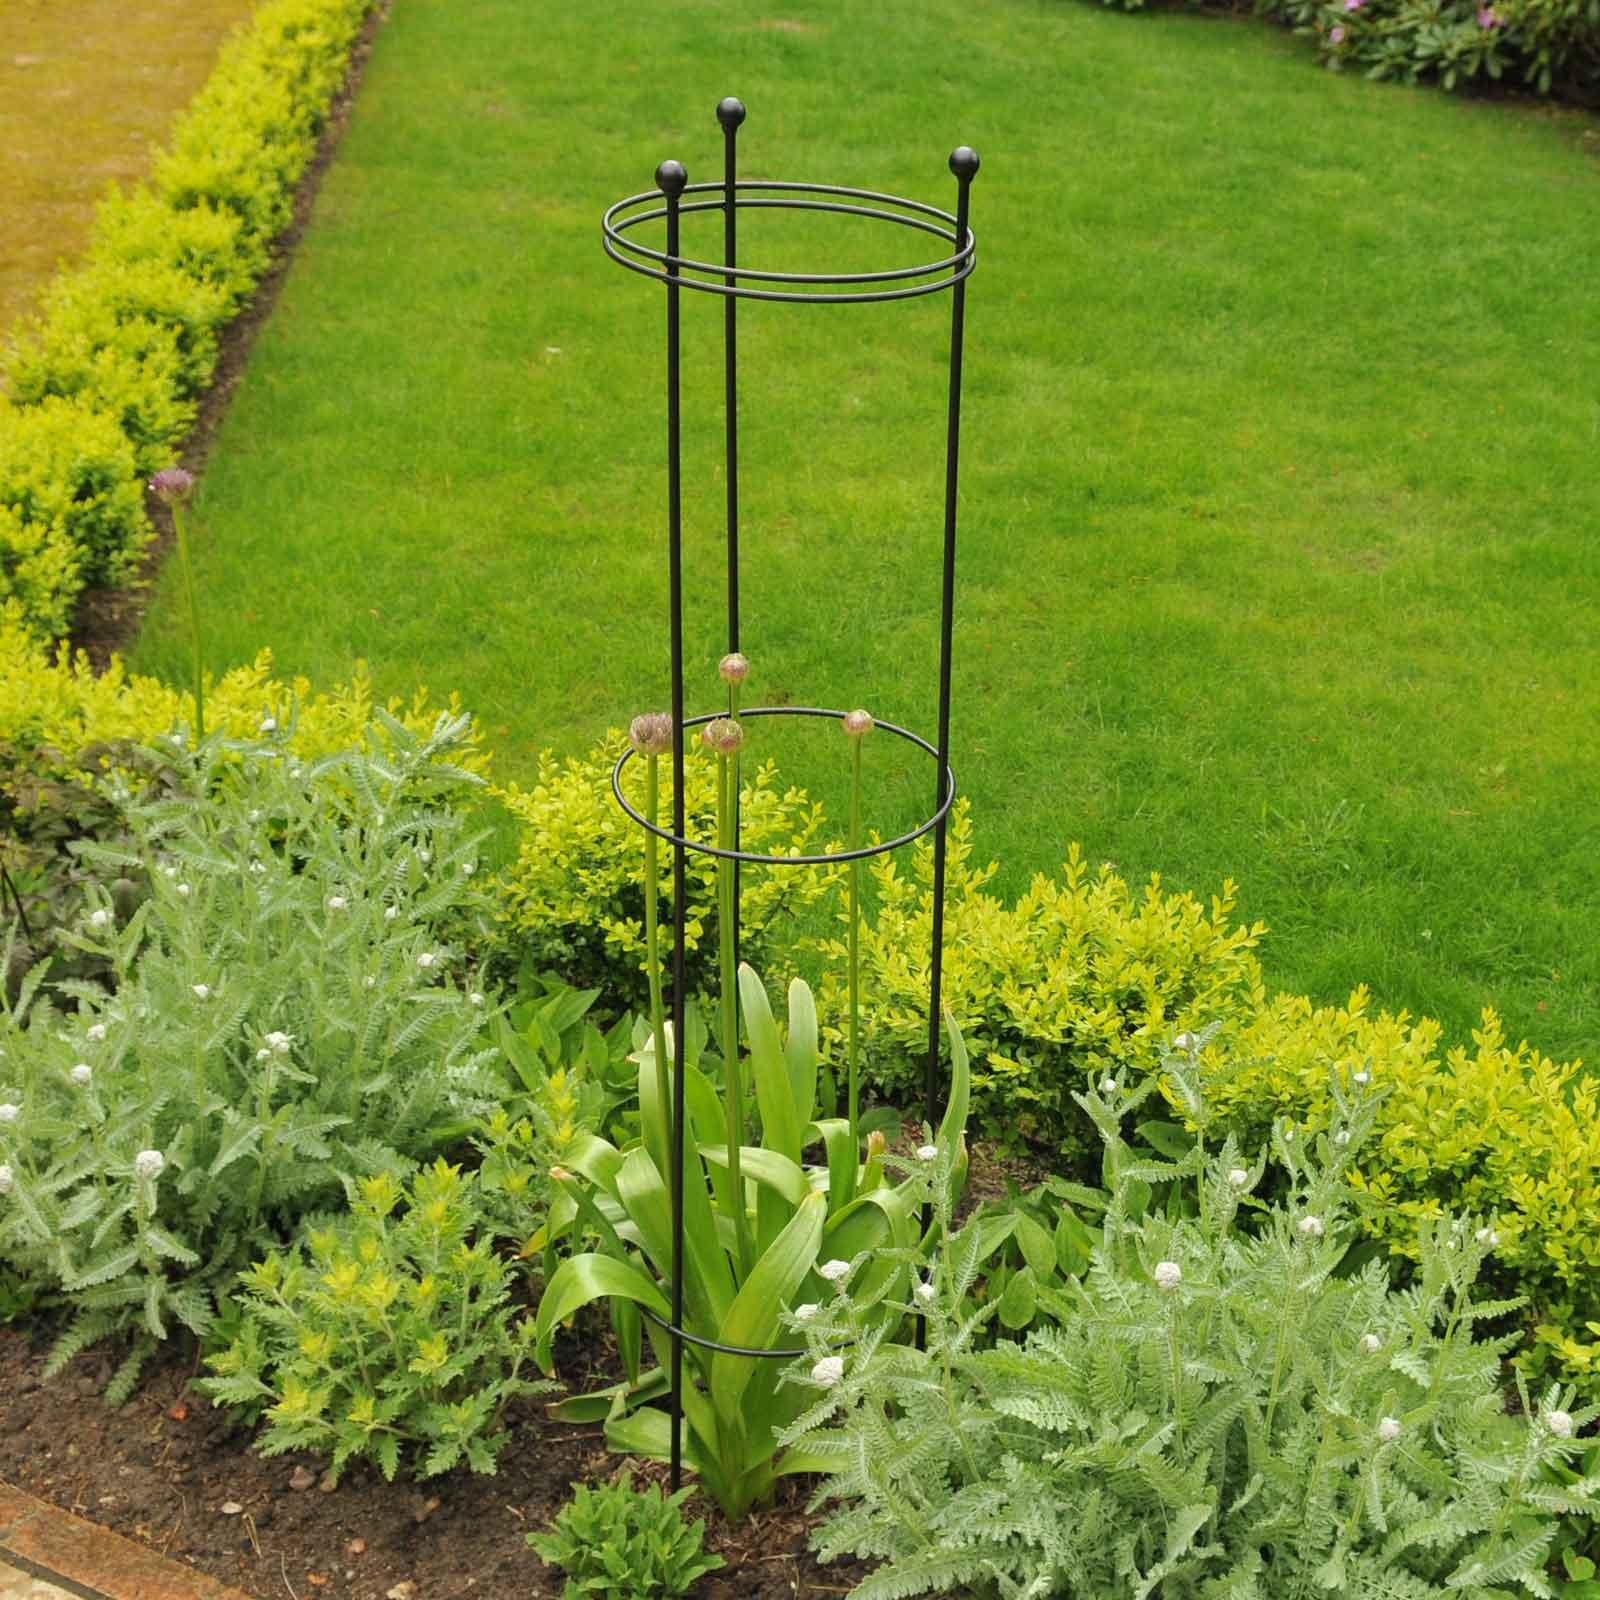 Harrod Tall Circular Plant Support - Matt Black